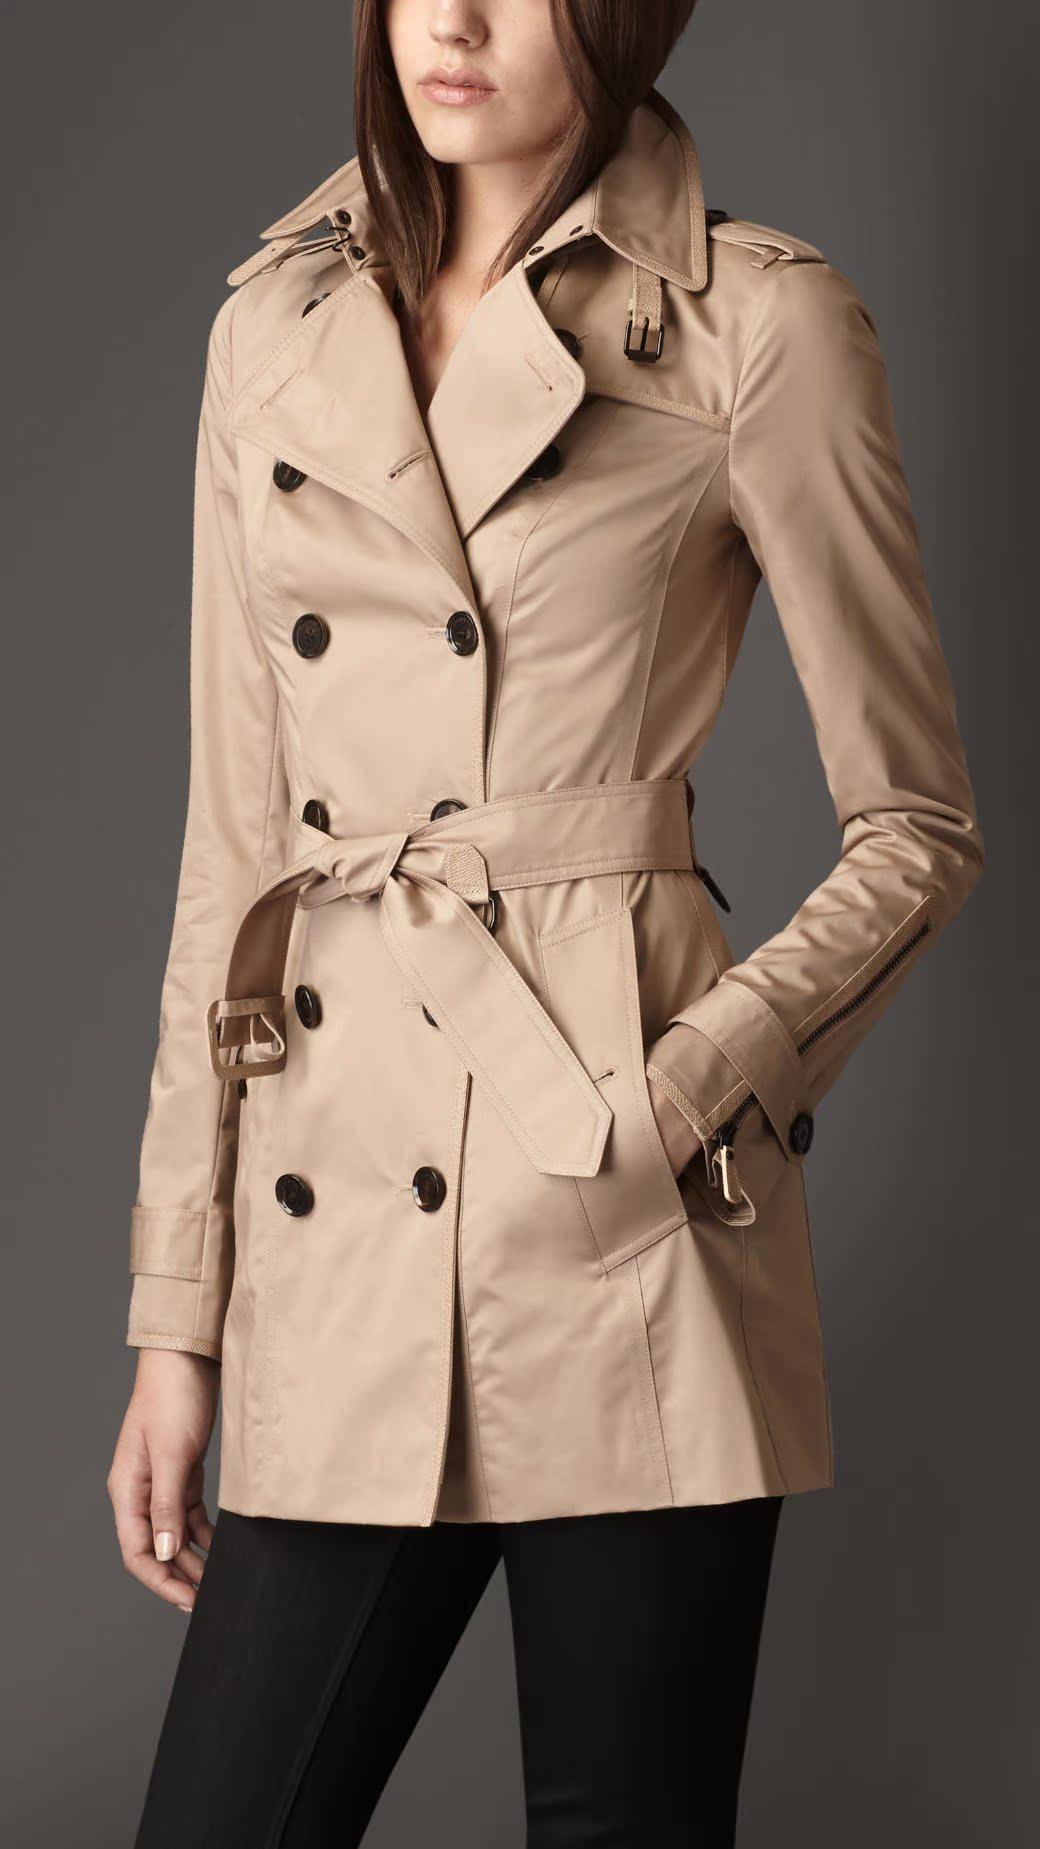 英國代購巴寶莉burberry新款正品女裝/風衣 修身型雙排扣38870741圖片